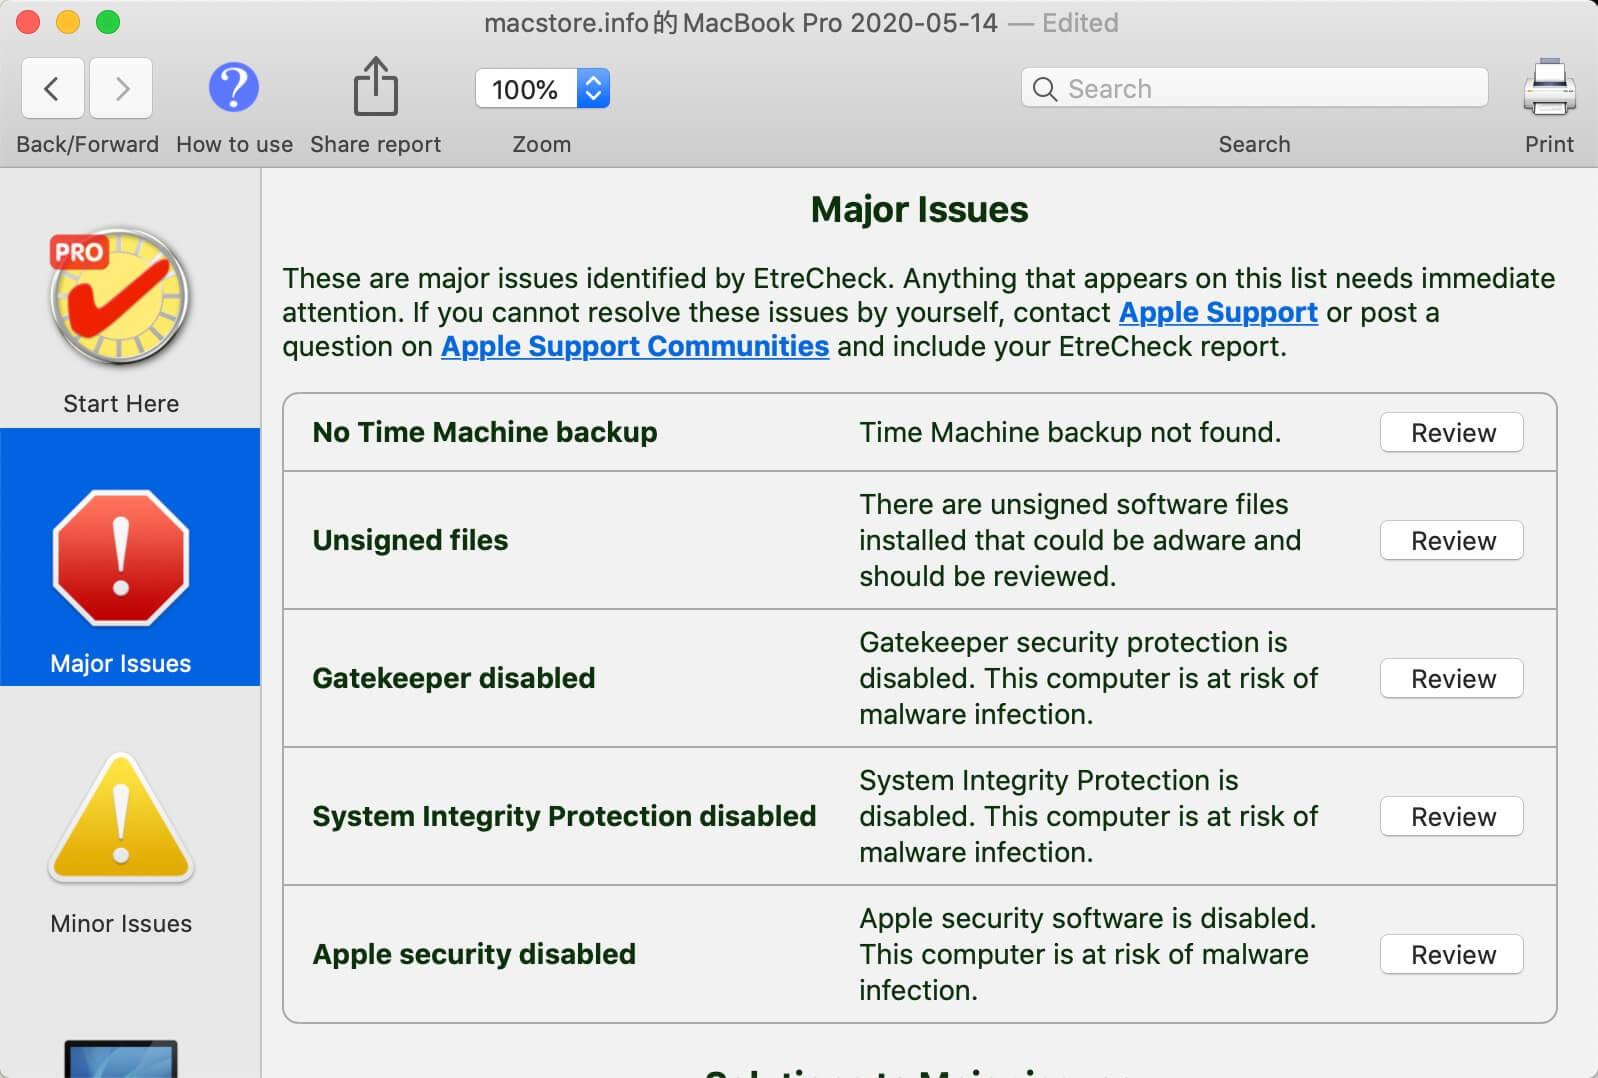 轻松发现Mac的潜在安全性问题并给出改进的建议